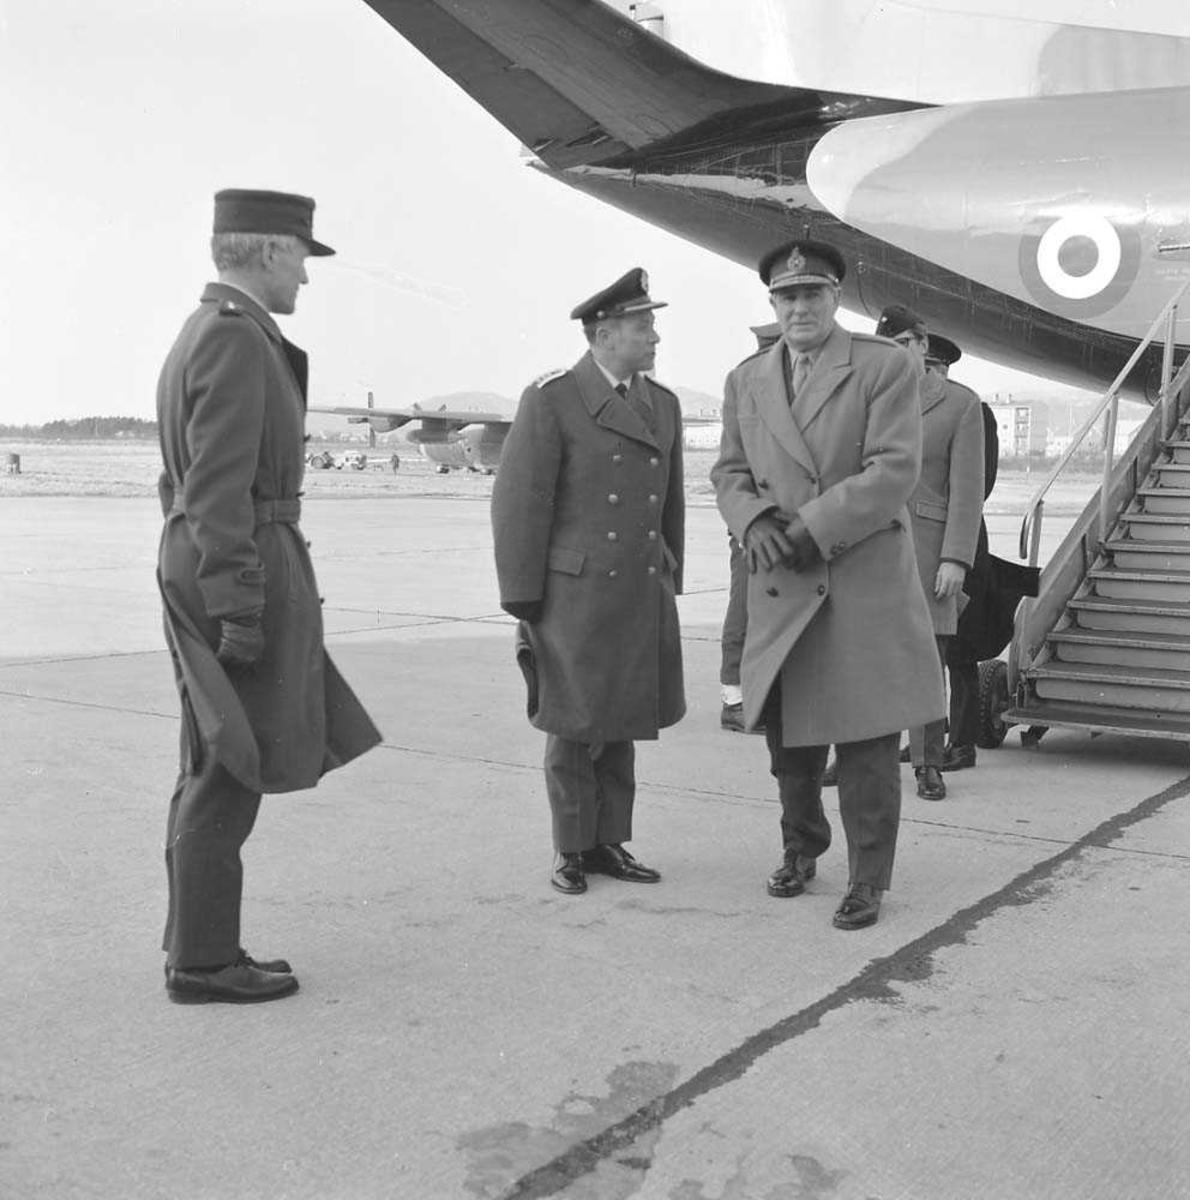 Commander-in-Chief Allied Forces Northern Europe (CINCNORTH), General, Sir Thomas Pearson, besøker Bodø flystasjon. Oberst K. Bjørge-Hansen sees som nr. 2 fra venstre på bildet og General Pearson nr. 3. Flyet i bakgrunnen er av typen Hawker Siddeley C.MK.1 Andover.